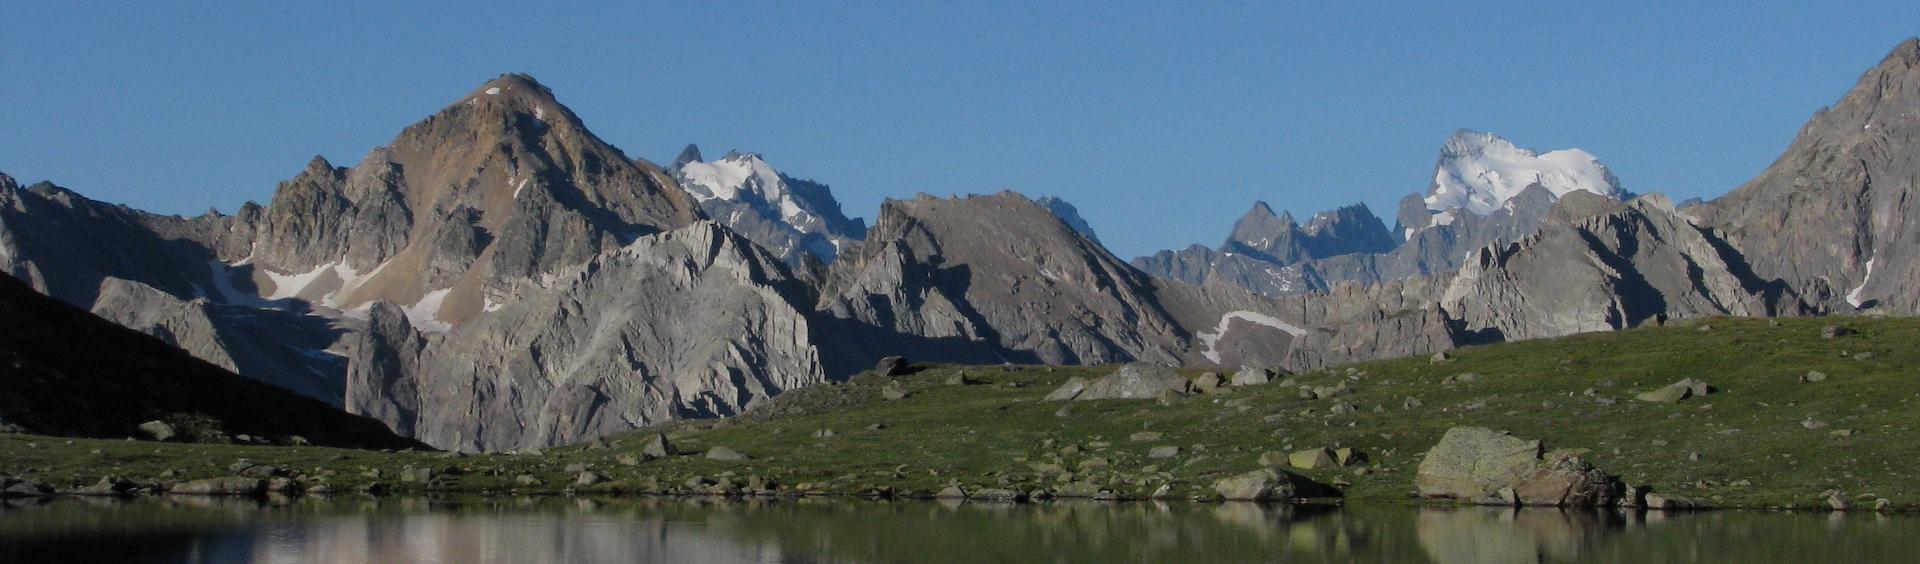 montagnes hautes alpes